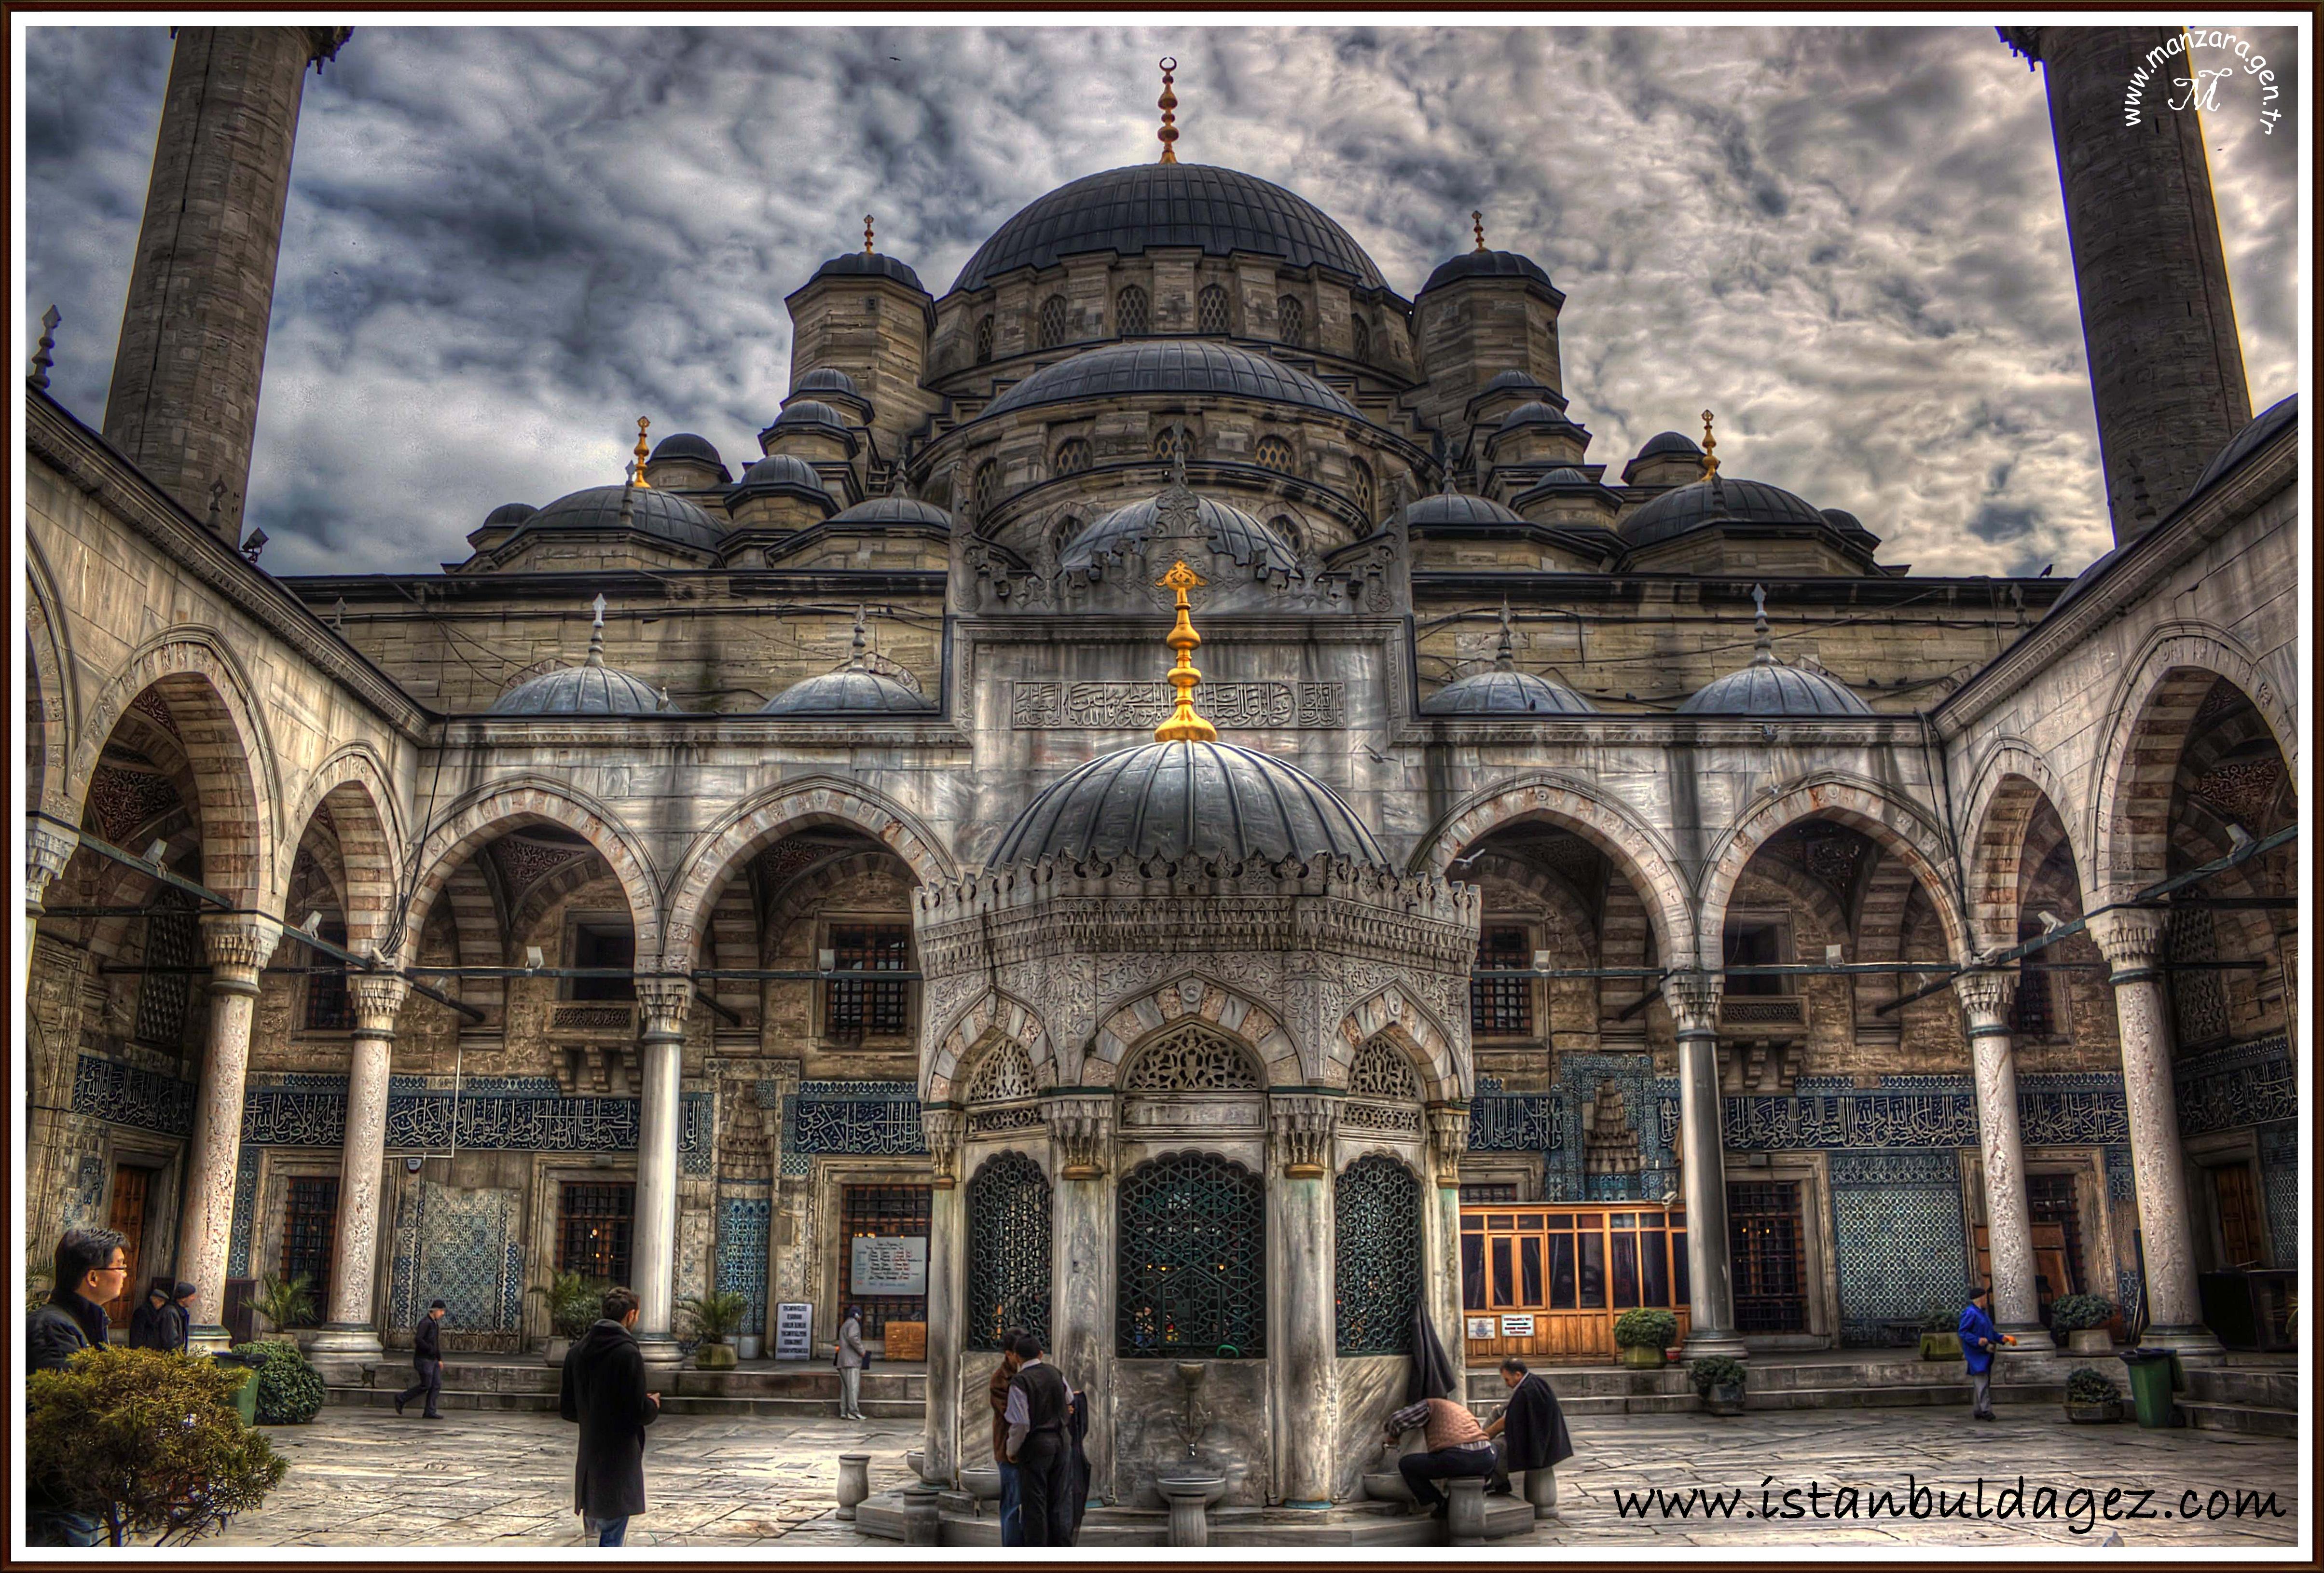 İstanbulda gezilecek kutsal mekanlar